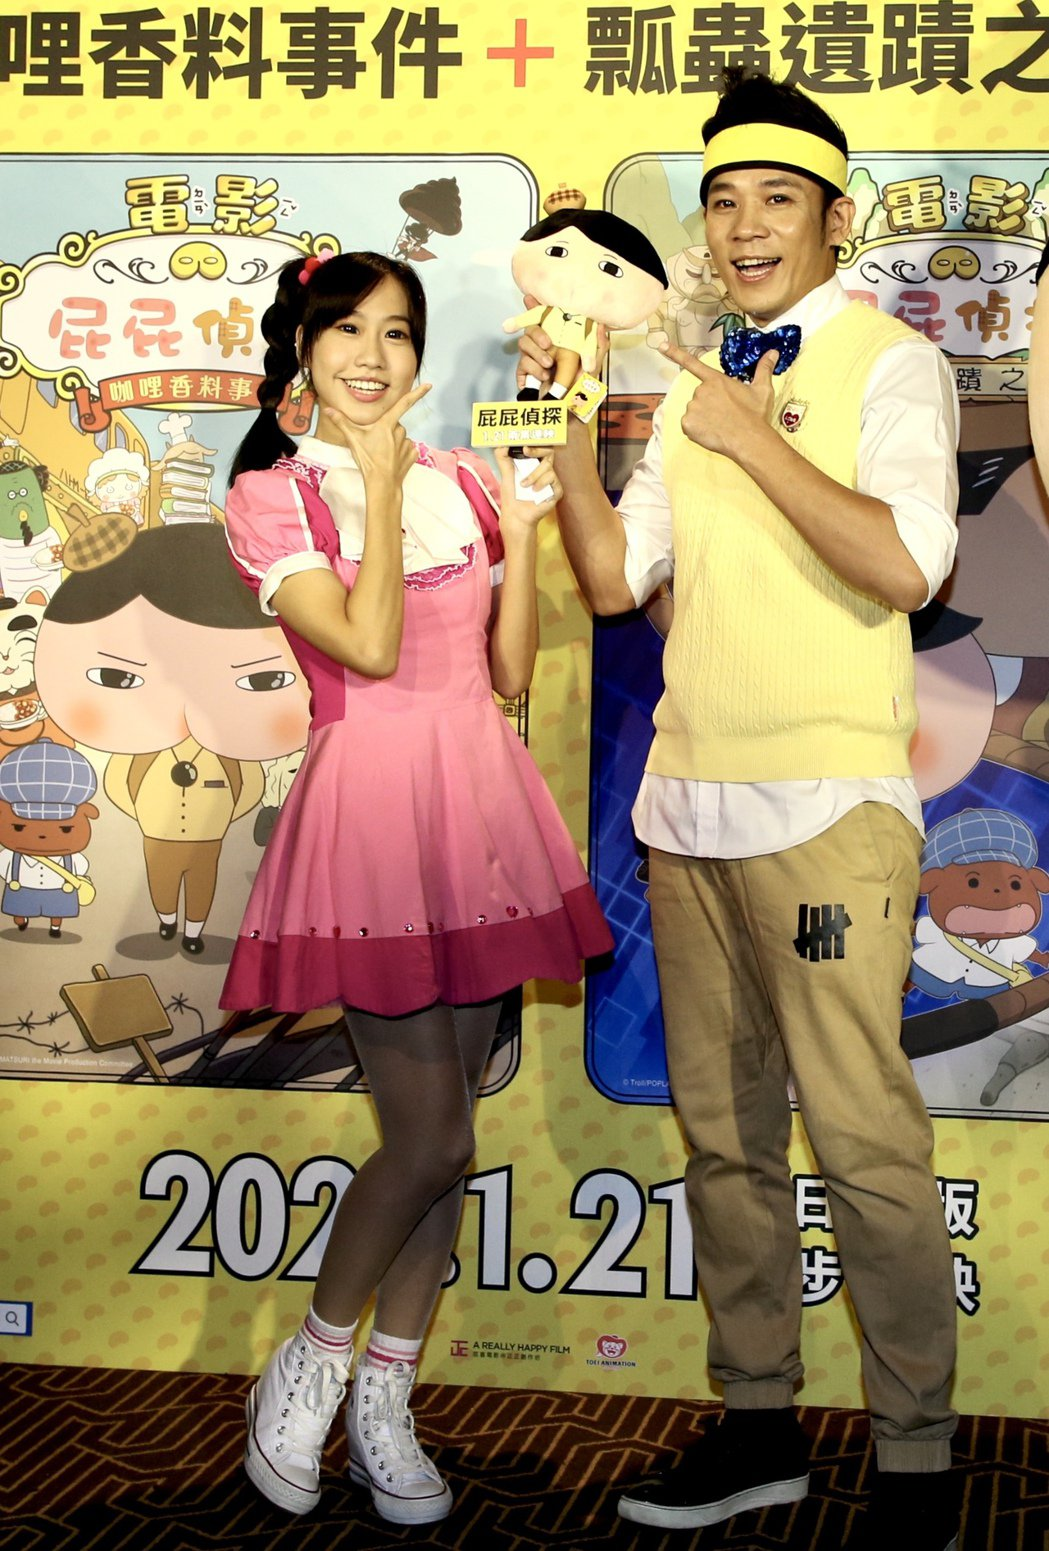 香蕉哥哥和天竺鼠姐姐與台下小朋友互動「搜查遊戲」。記者林俊良/攝影